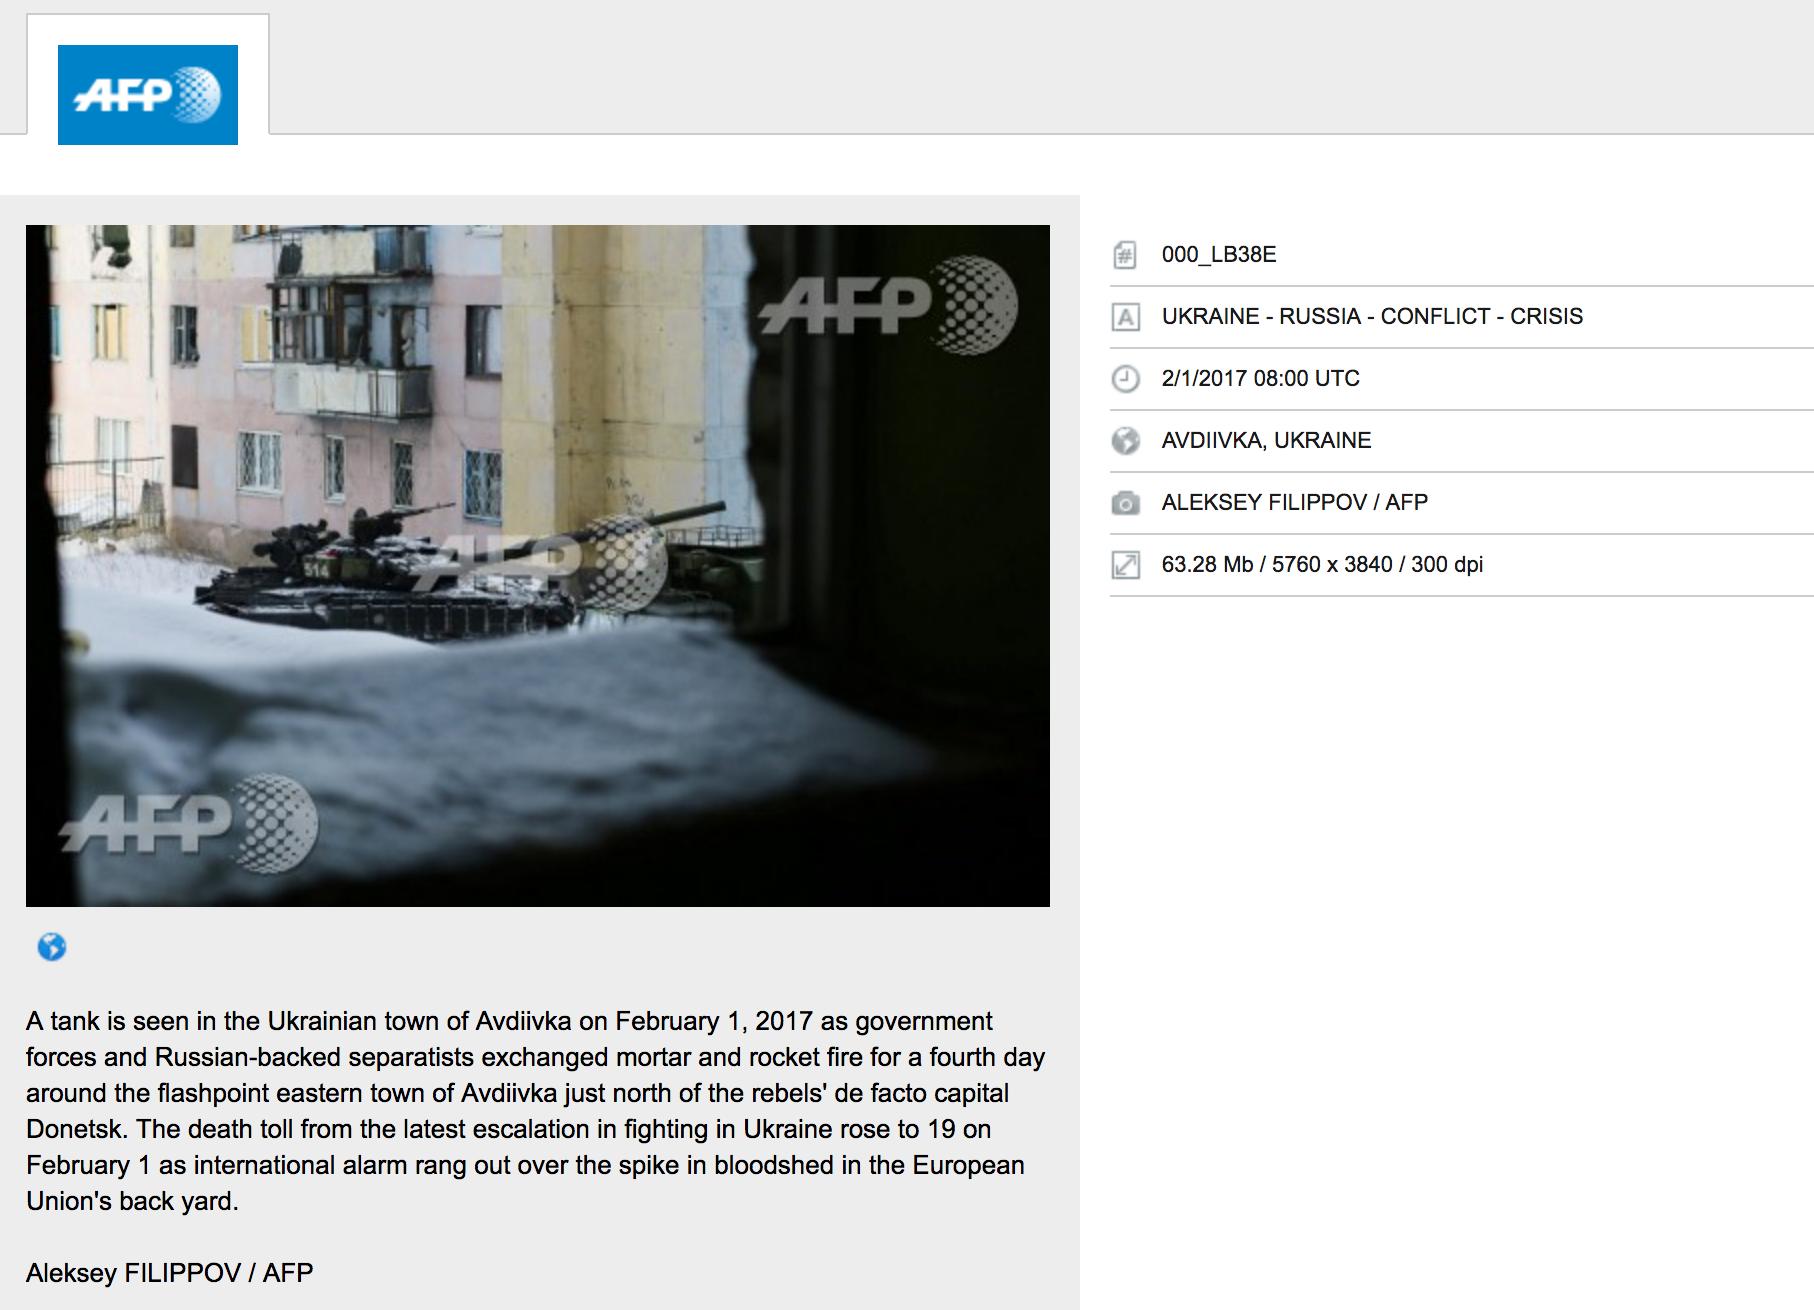 Лавров: ОБСЕ винит государство Украину вэскалации конфликта вДонбассе